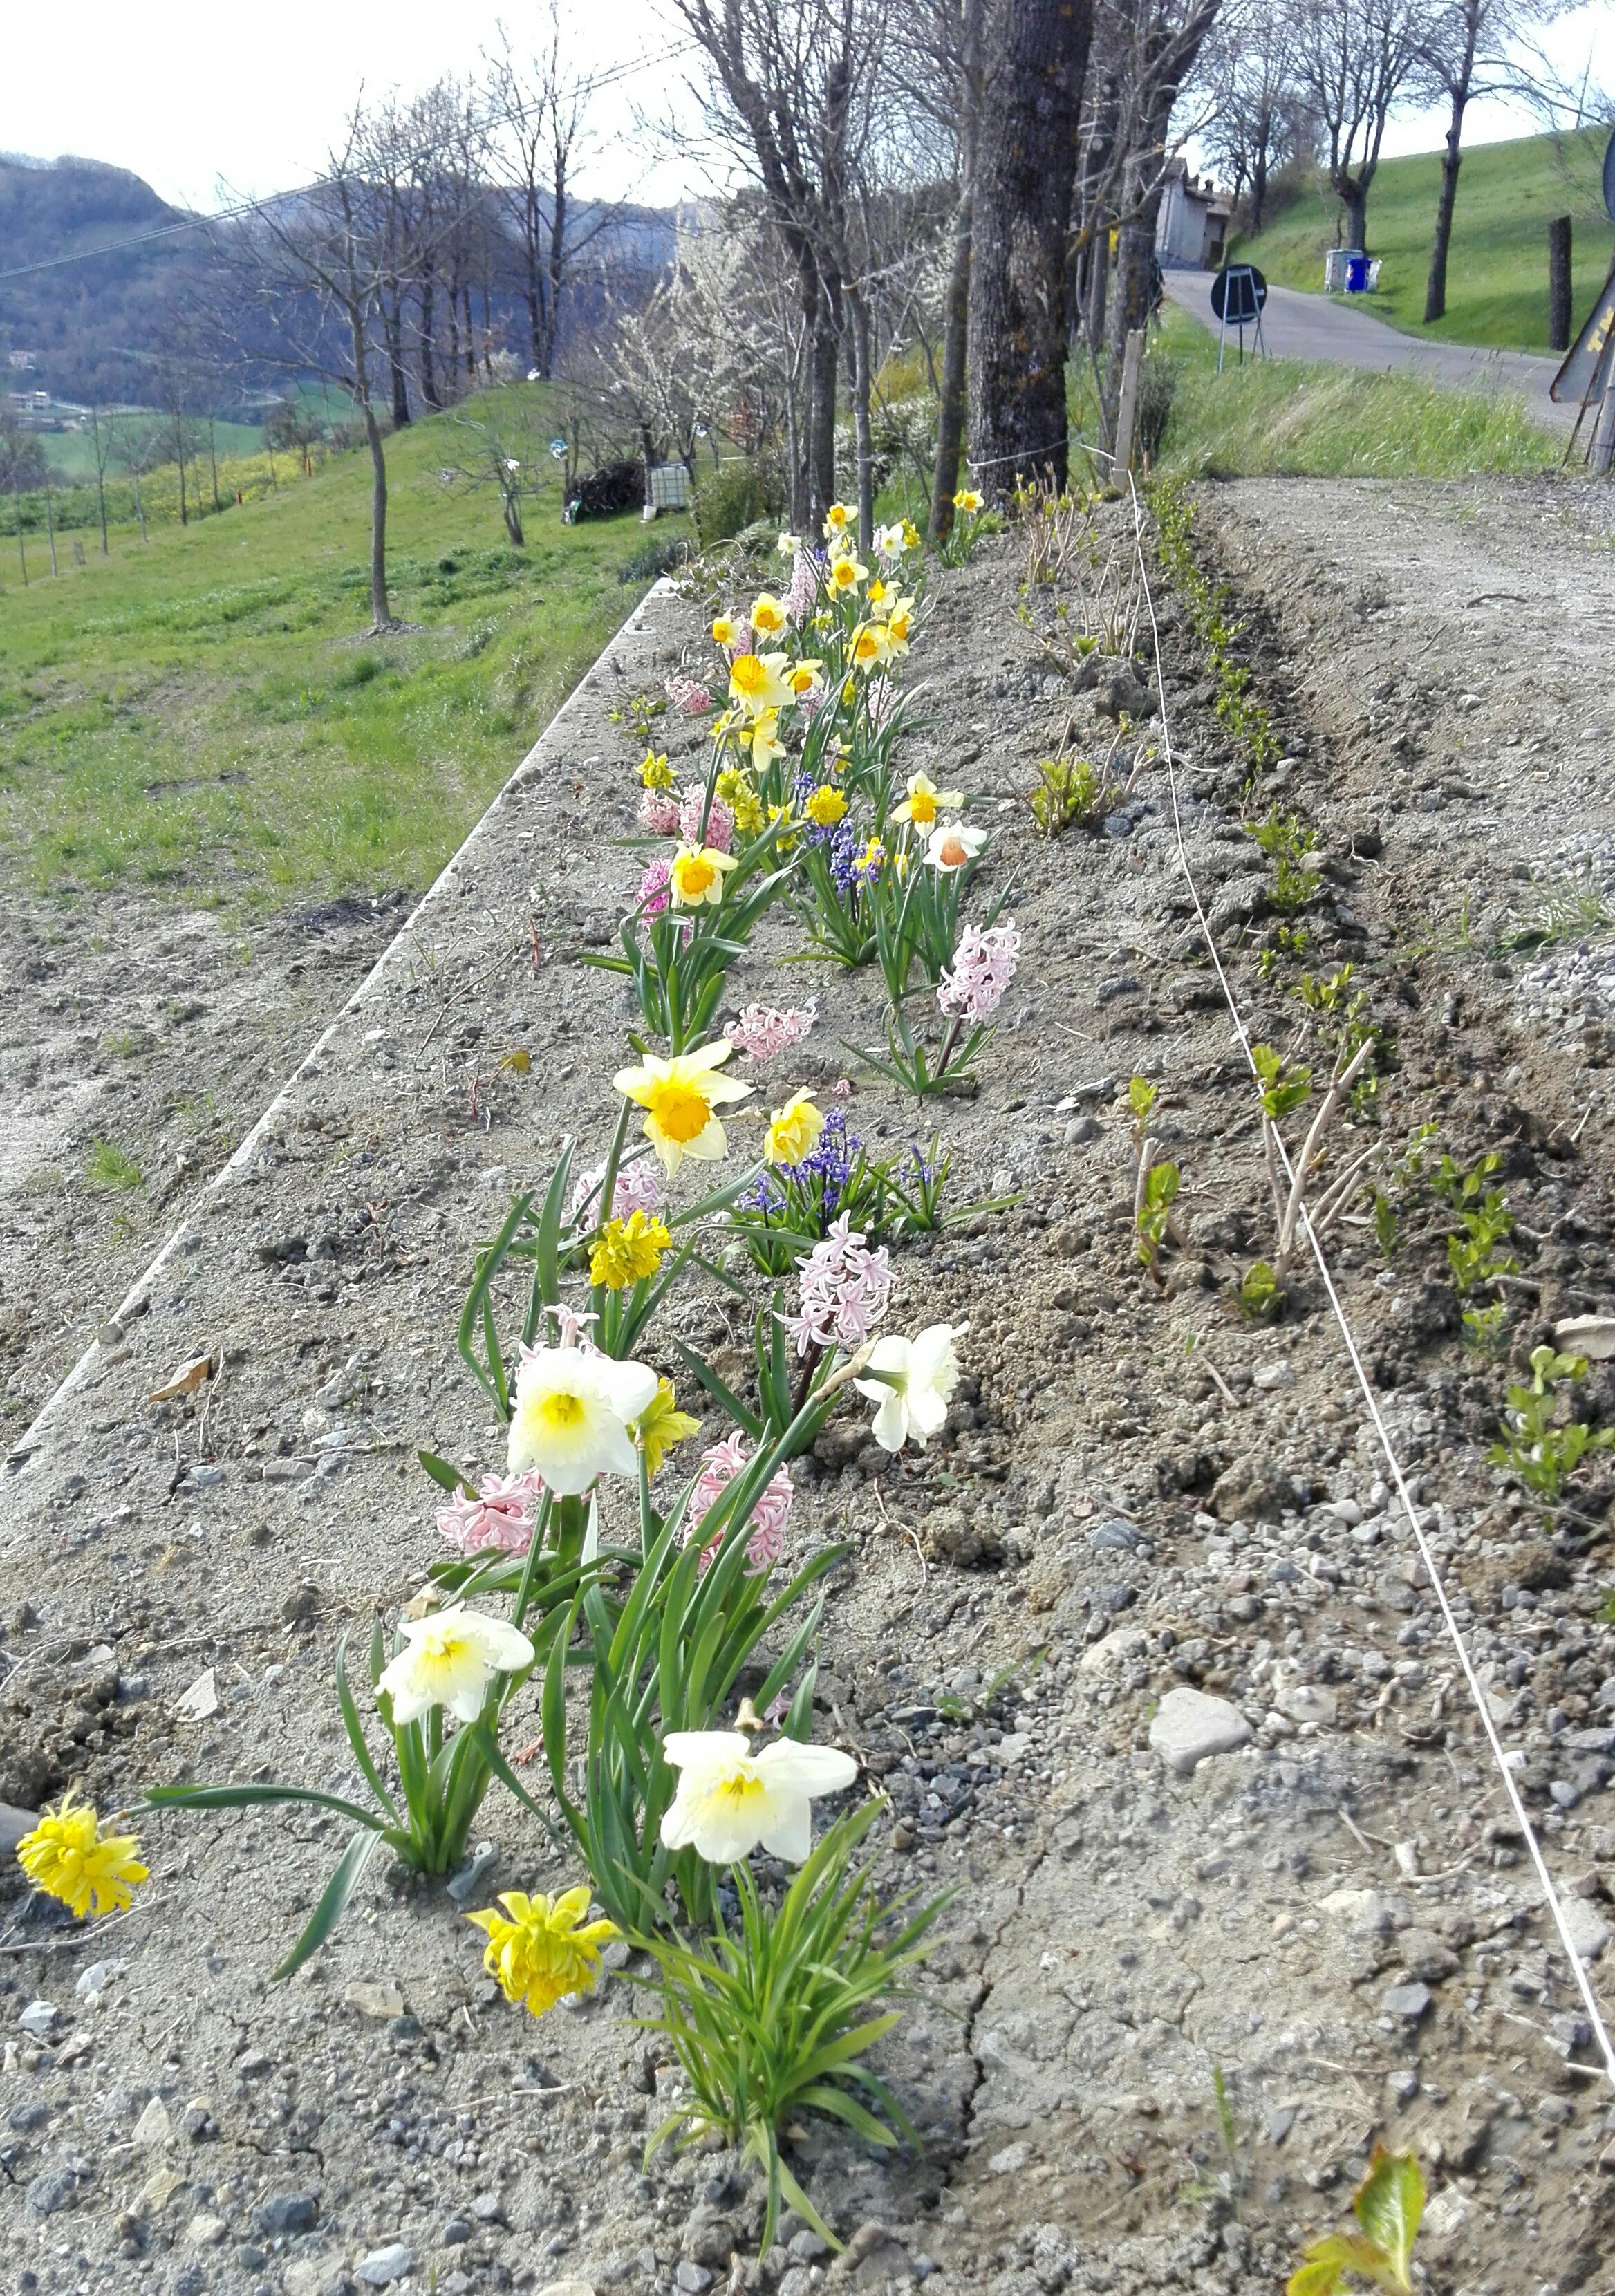 I fiori di ettorina un giardino creato sapientemente in un ripristino di frana sulla strada - Fiori di giardino foto ...